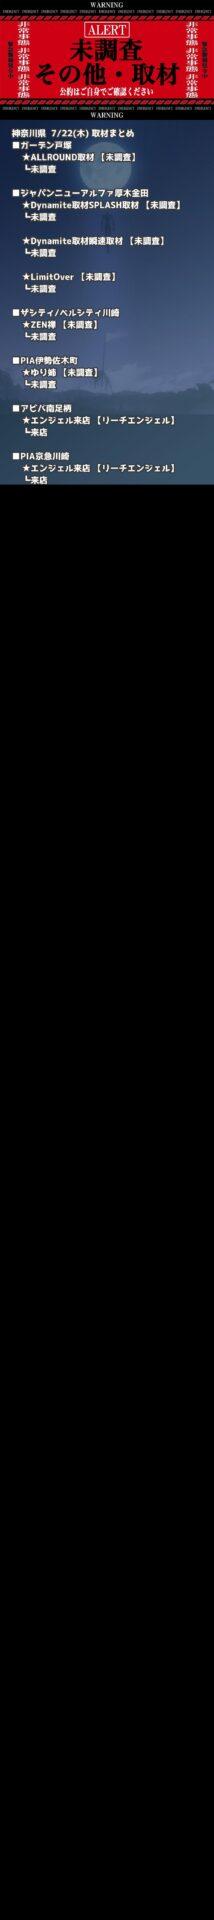 神奈川県_2021-07-22_未調査_パチンコ・パチスロ